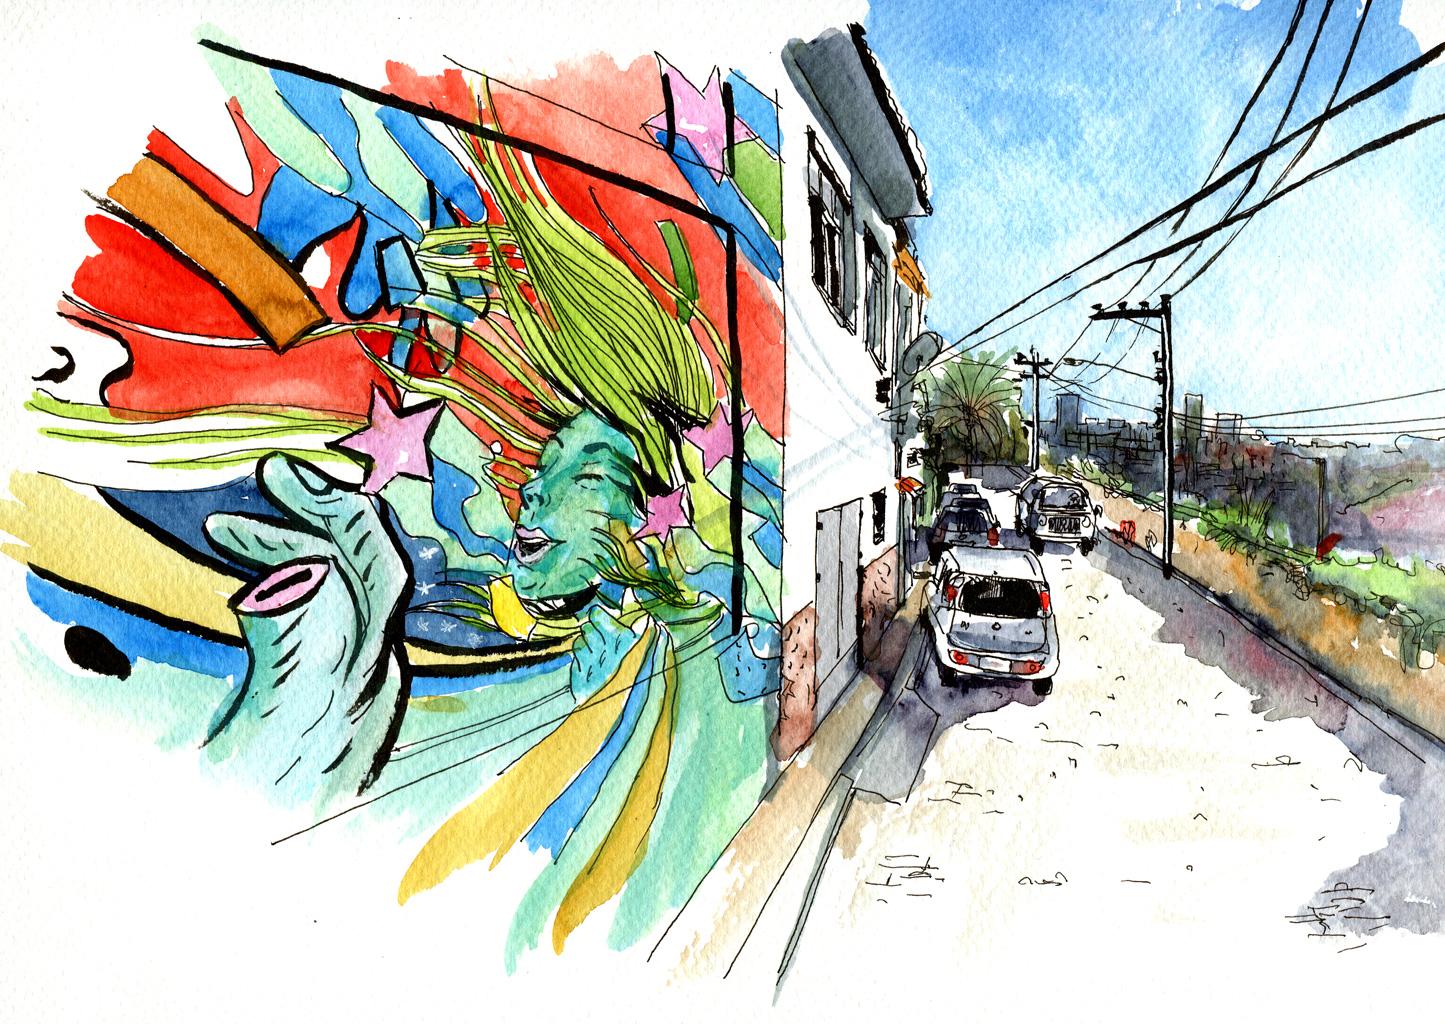 Straße mit Mural in Rio de Janeiro